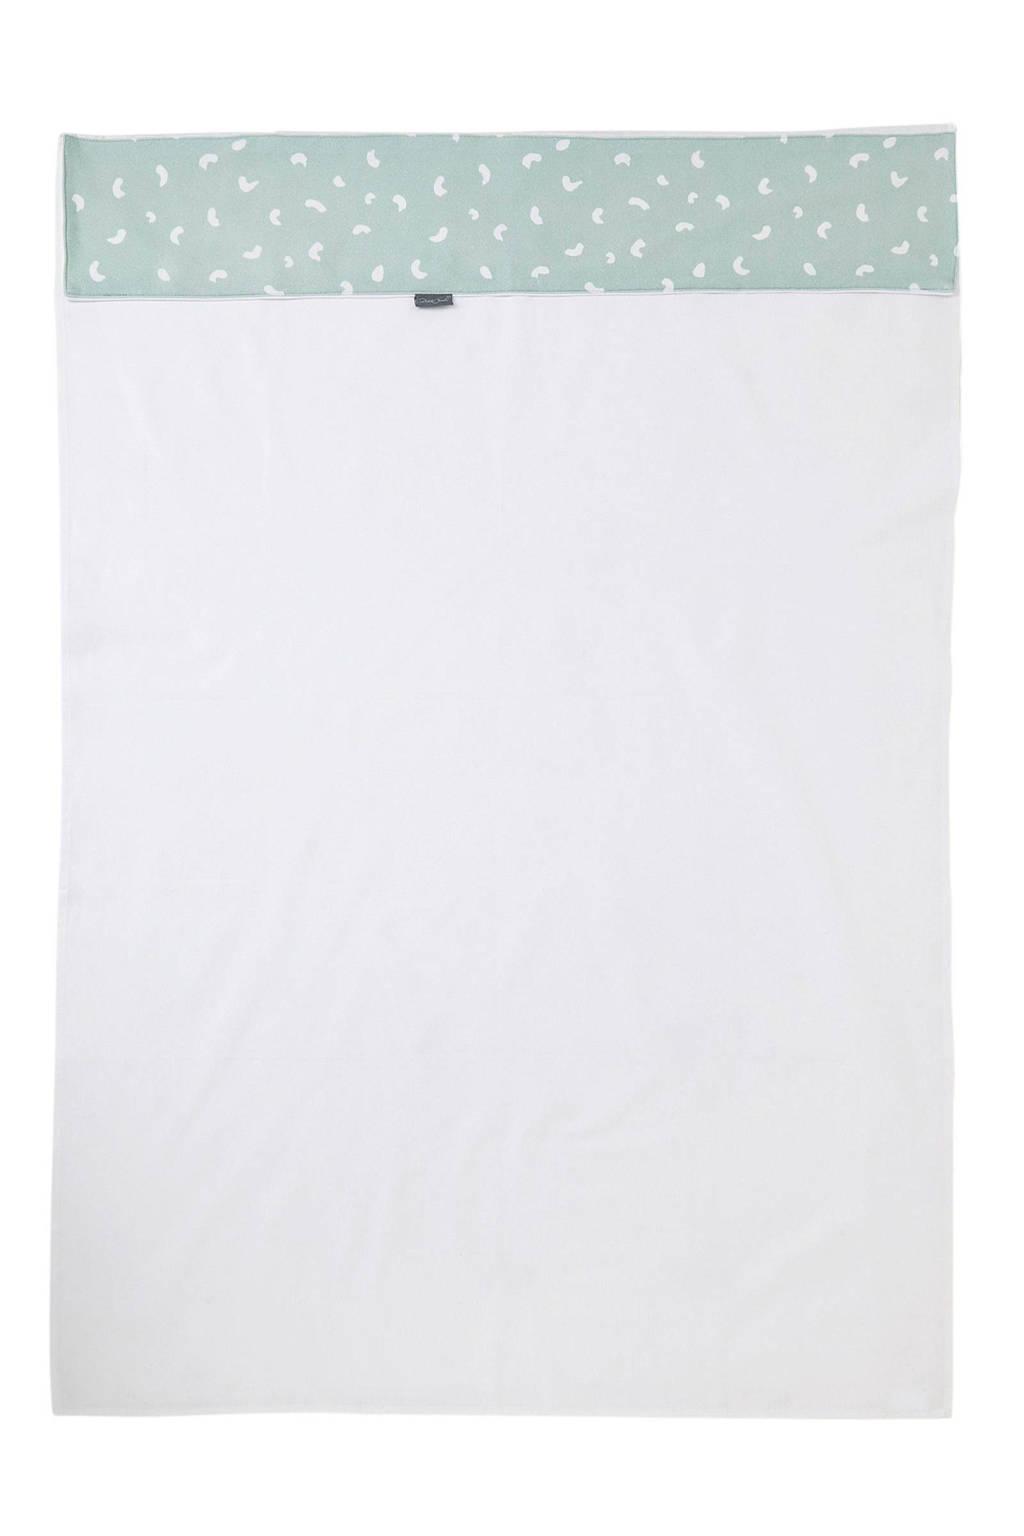 Petit Juul ledikantlaken groen/wit 150x100 cm, Groen/wit